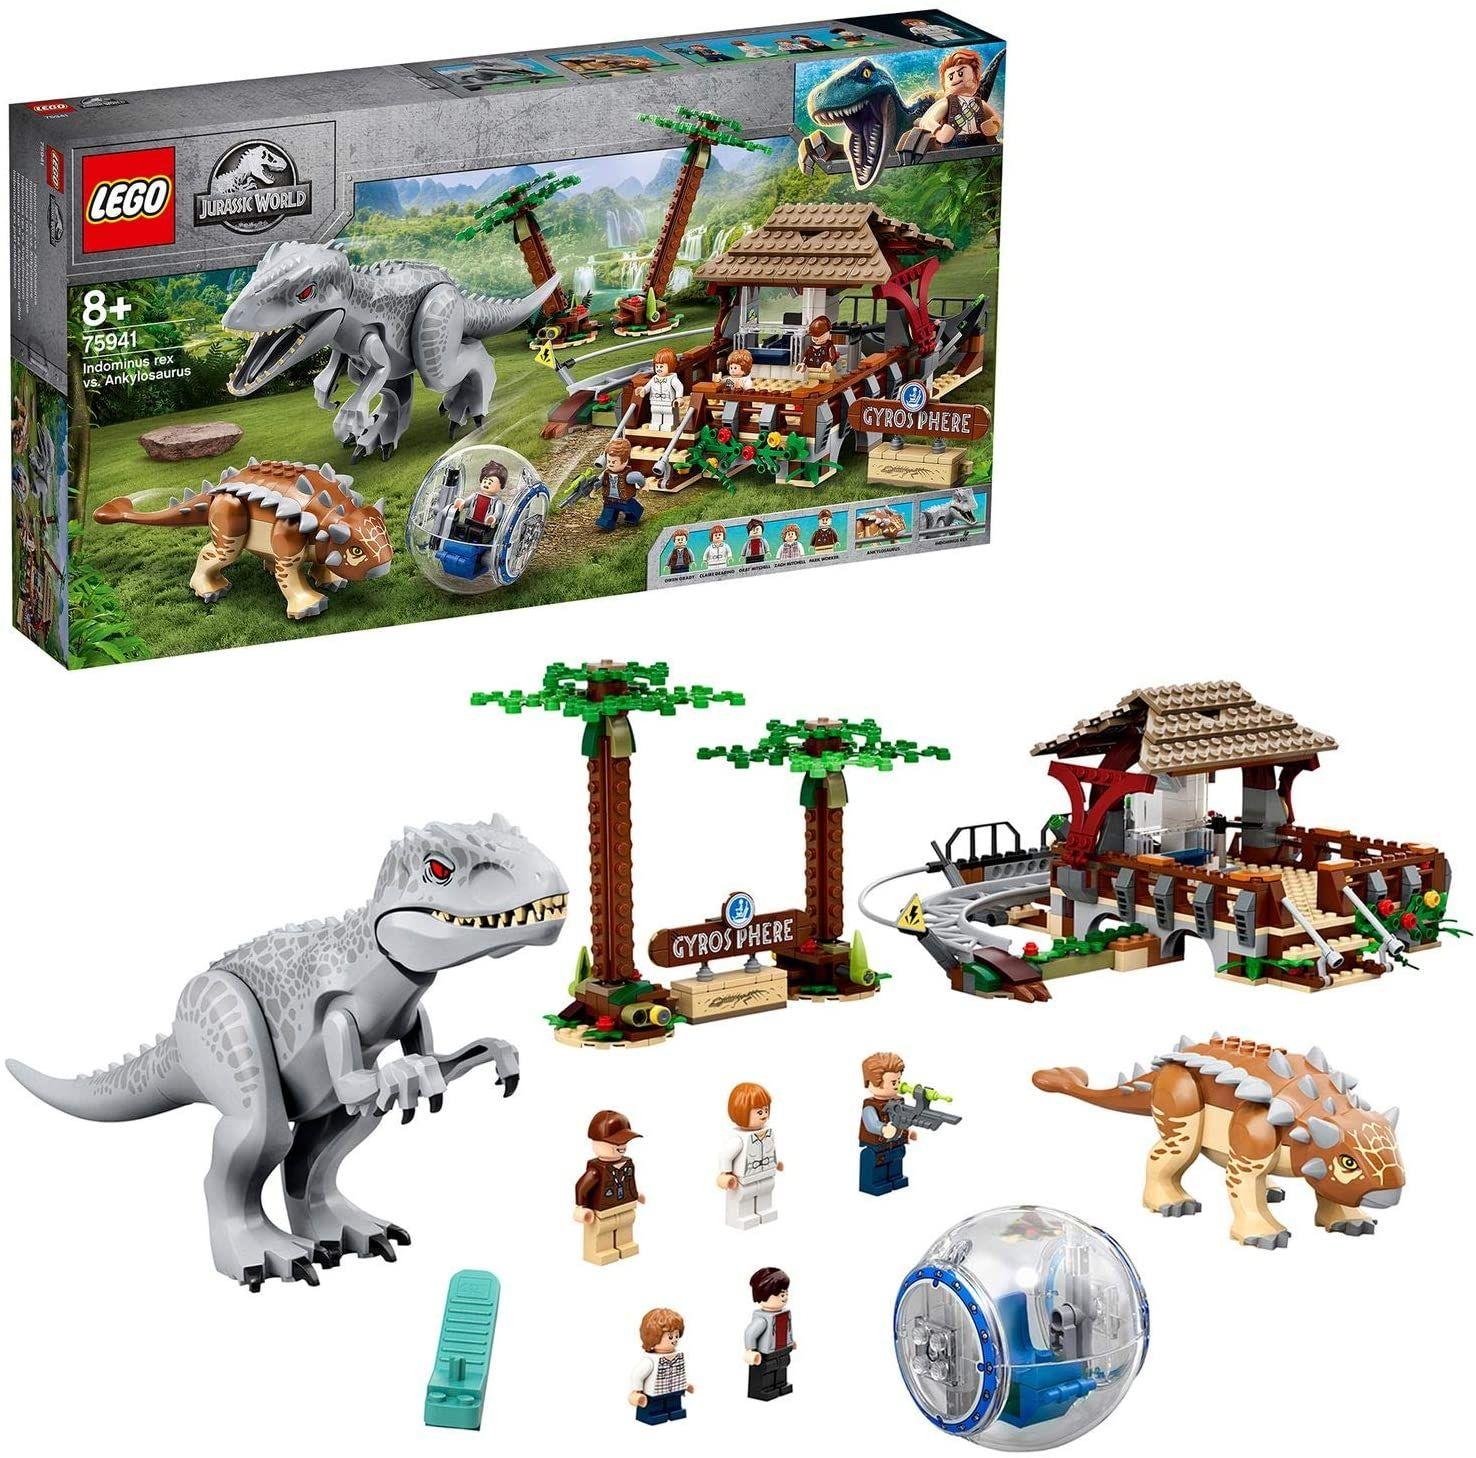 Lego Jurassic World Indominus Rex vs. Ankylosaurus (75941)